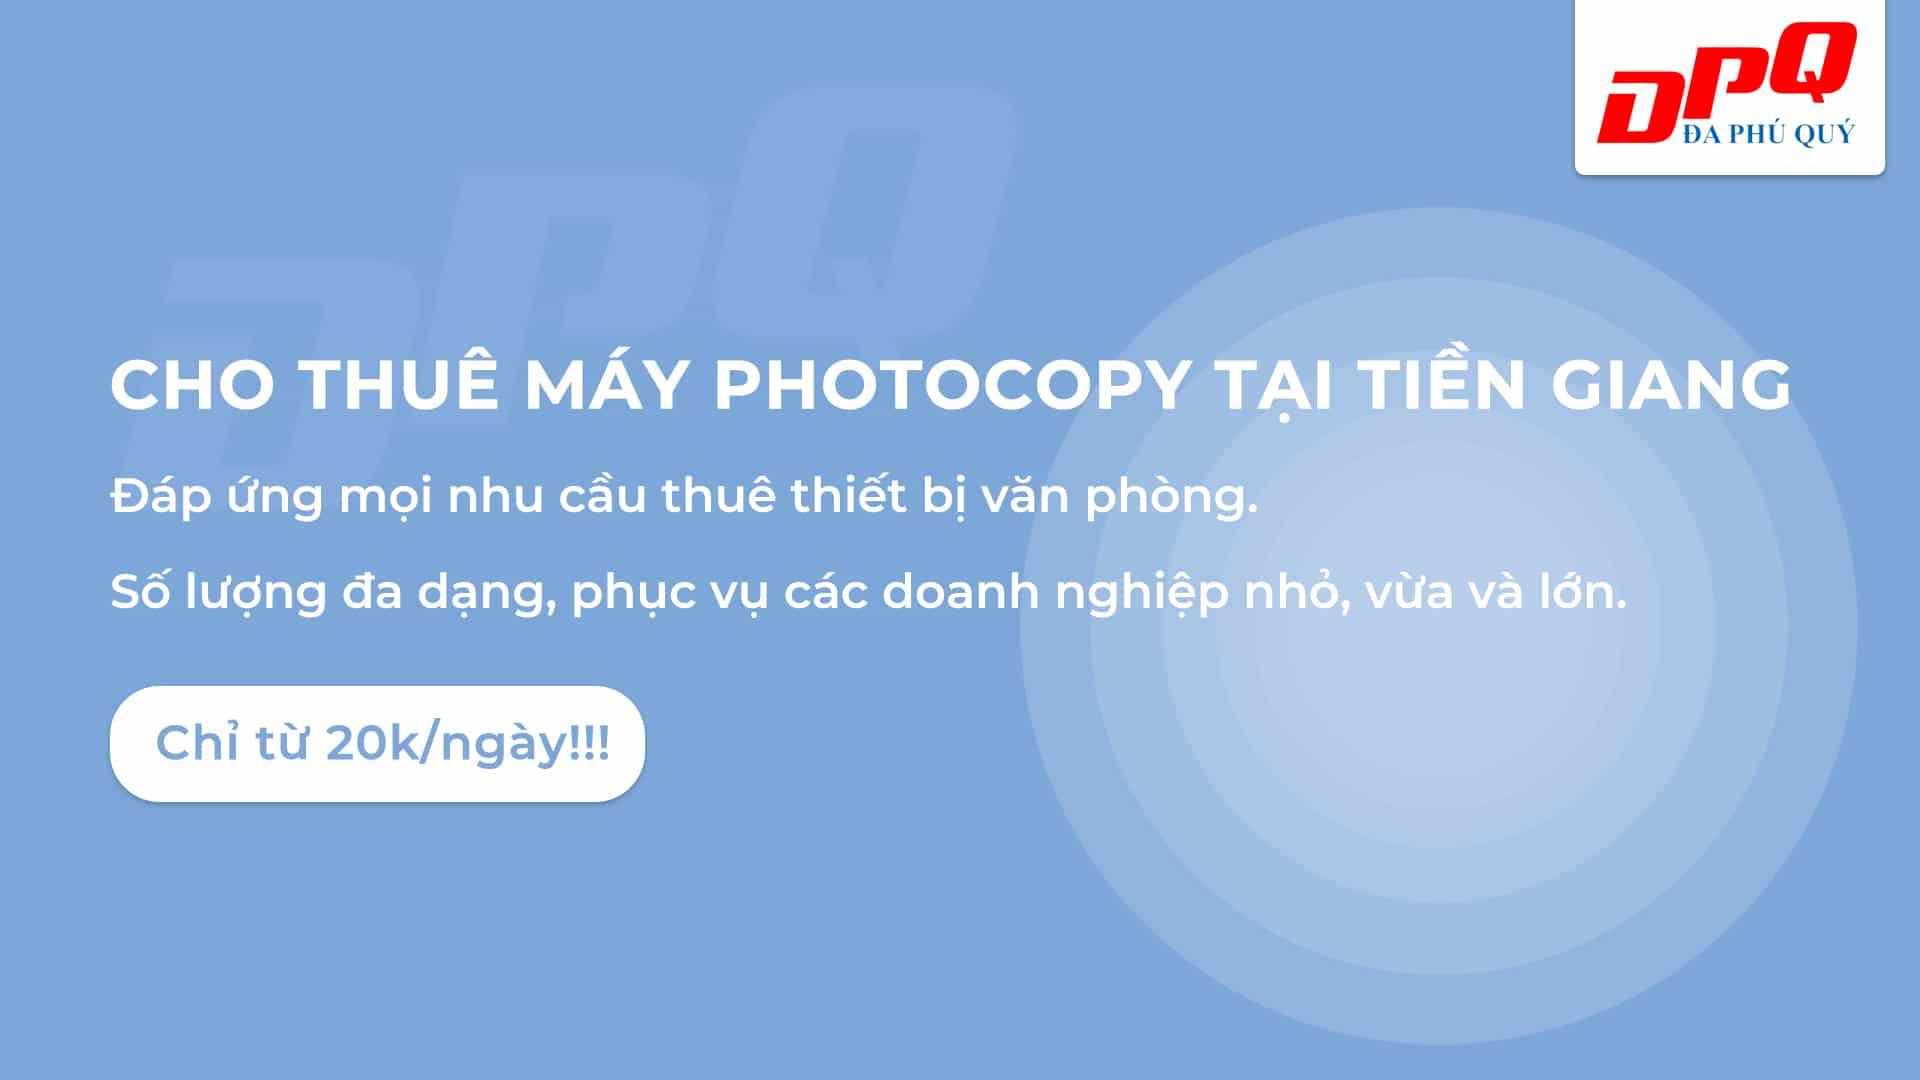 Cho thuê máy photocopy tại Tiền Giang